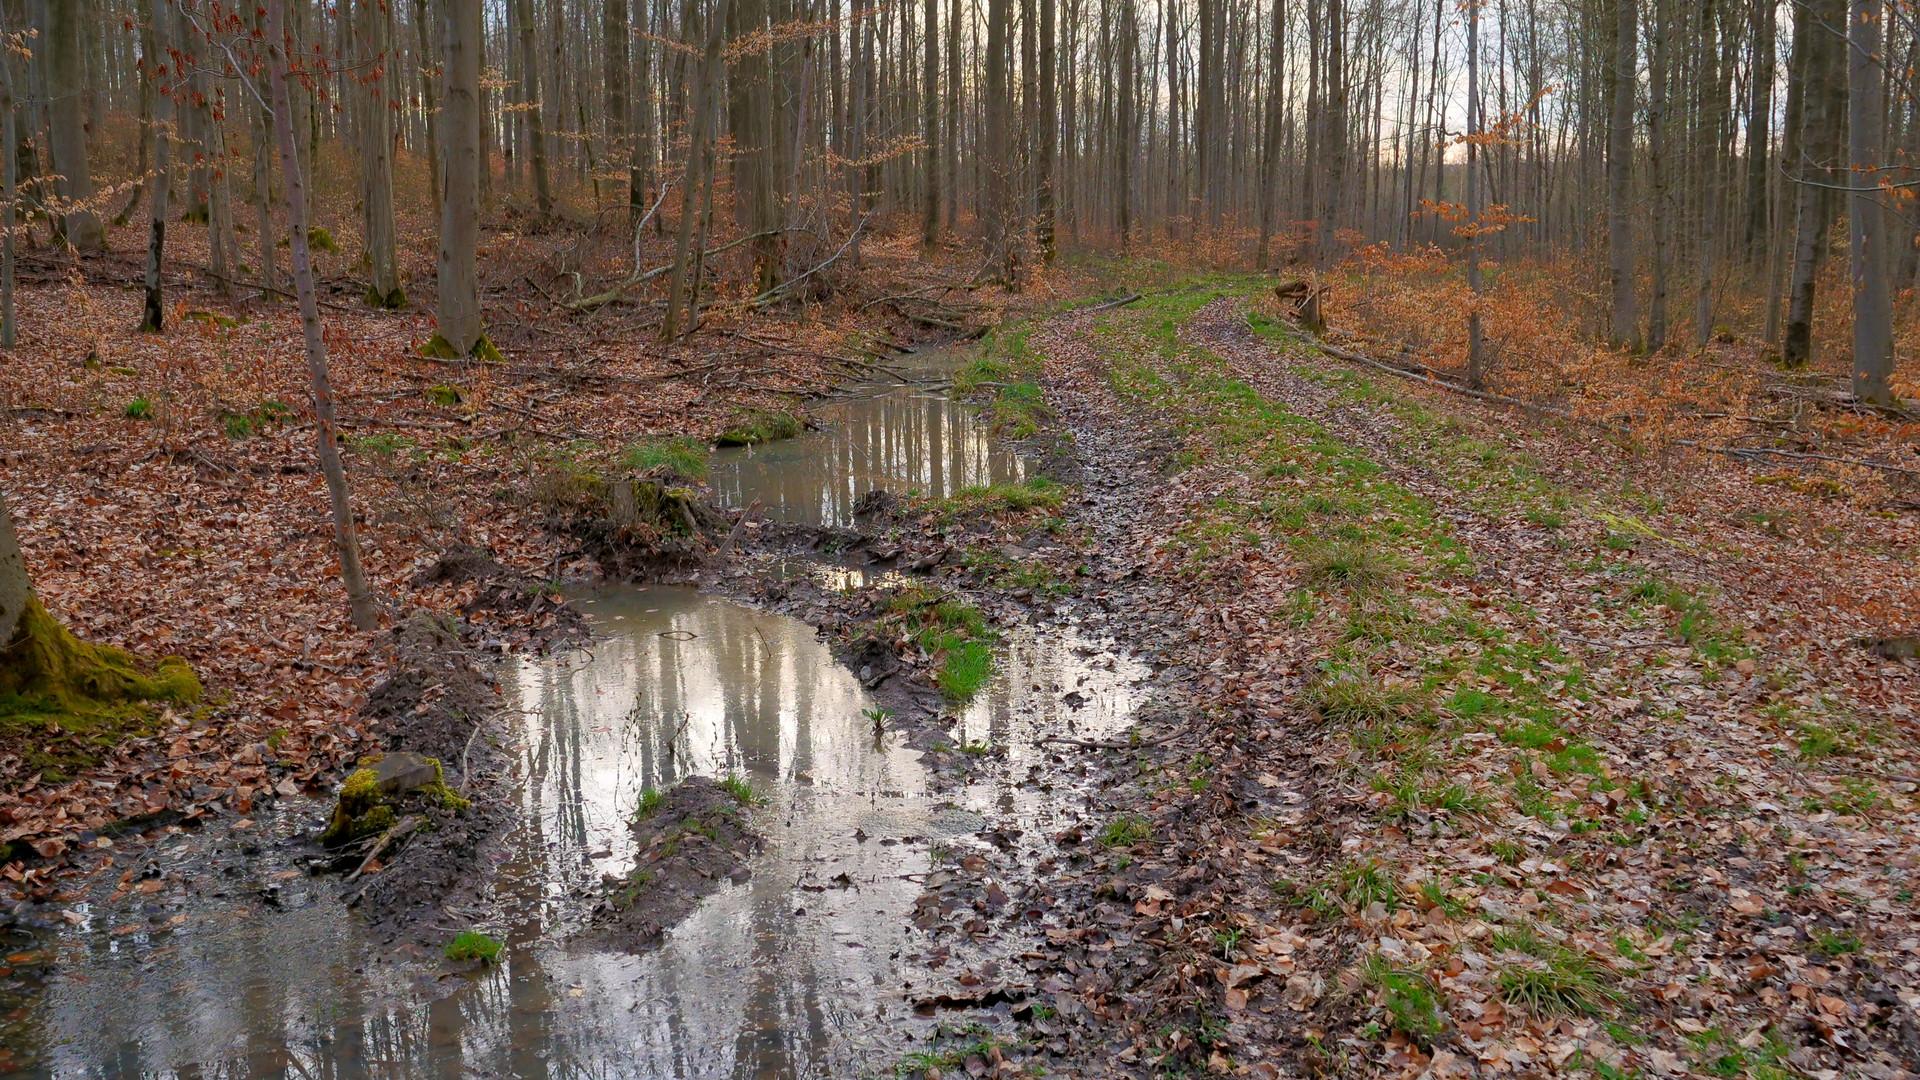 Spaziergang durch den Wald (paseando por el bosque)